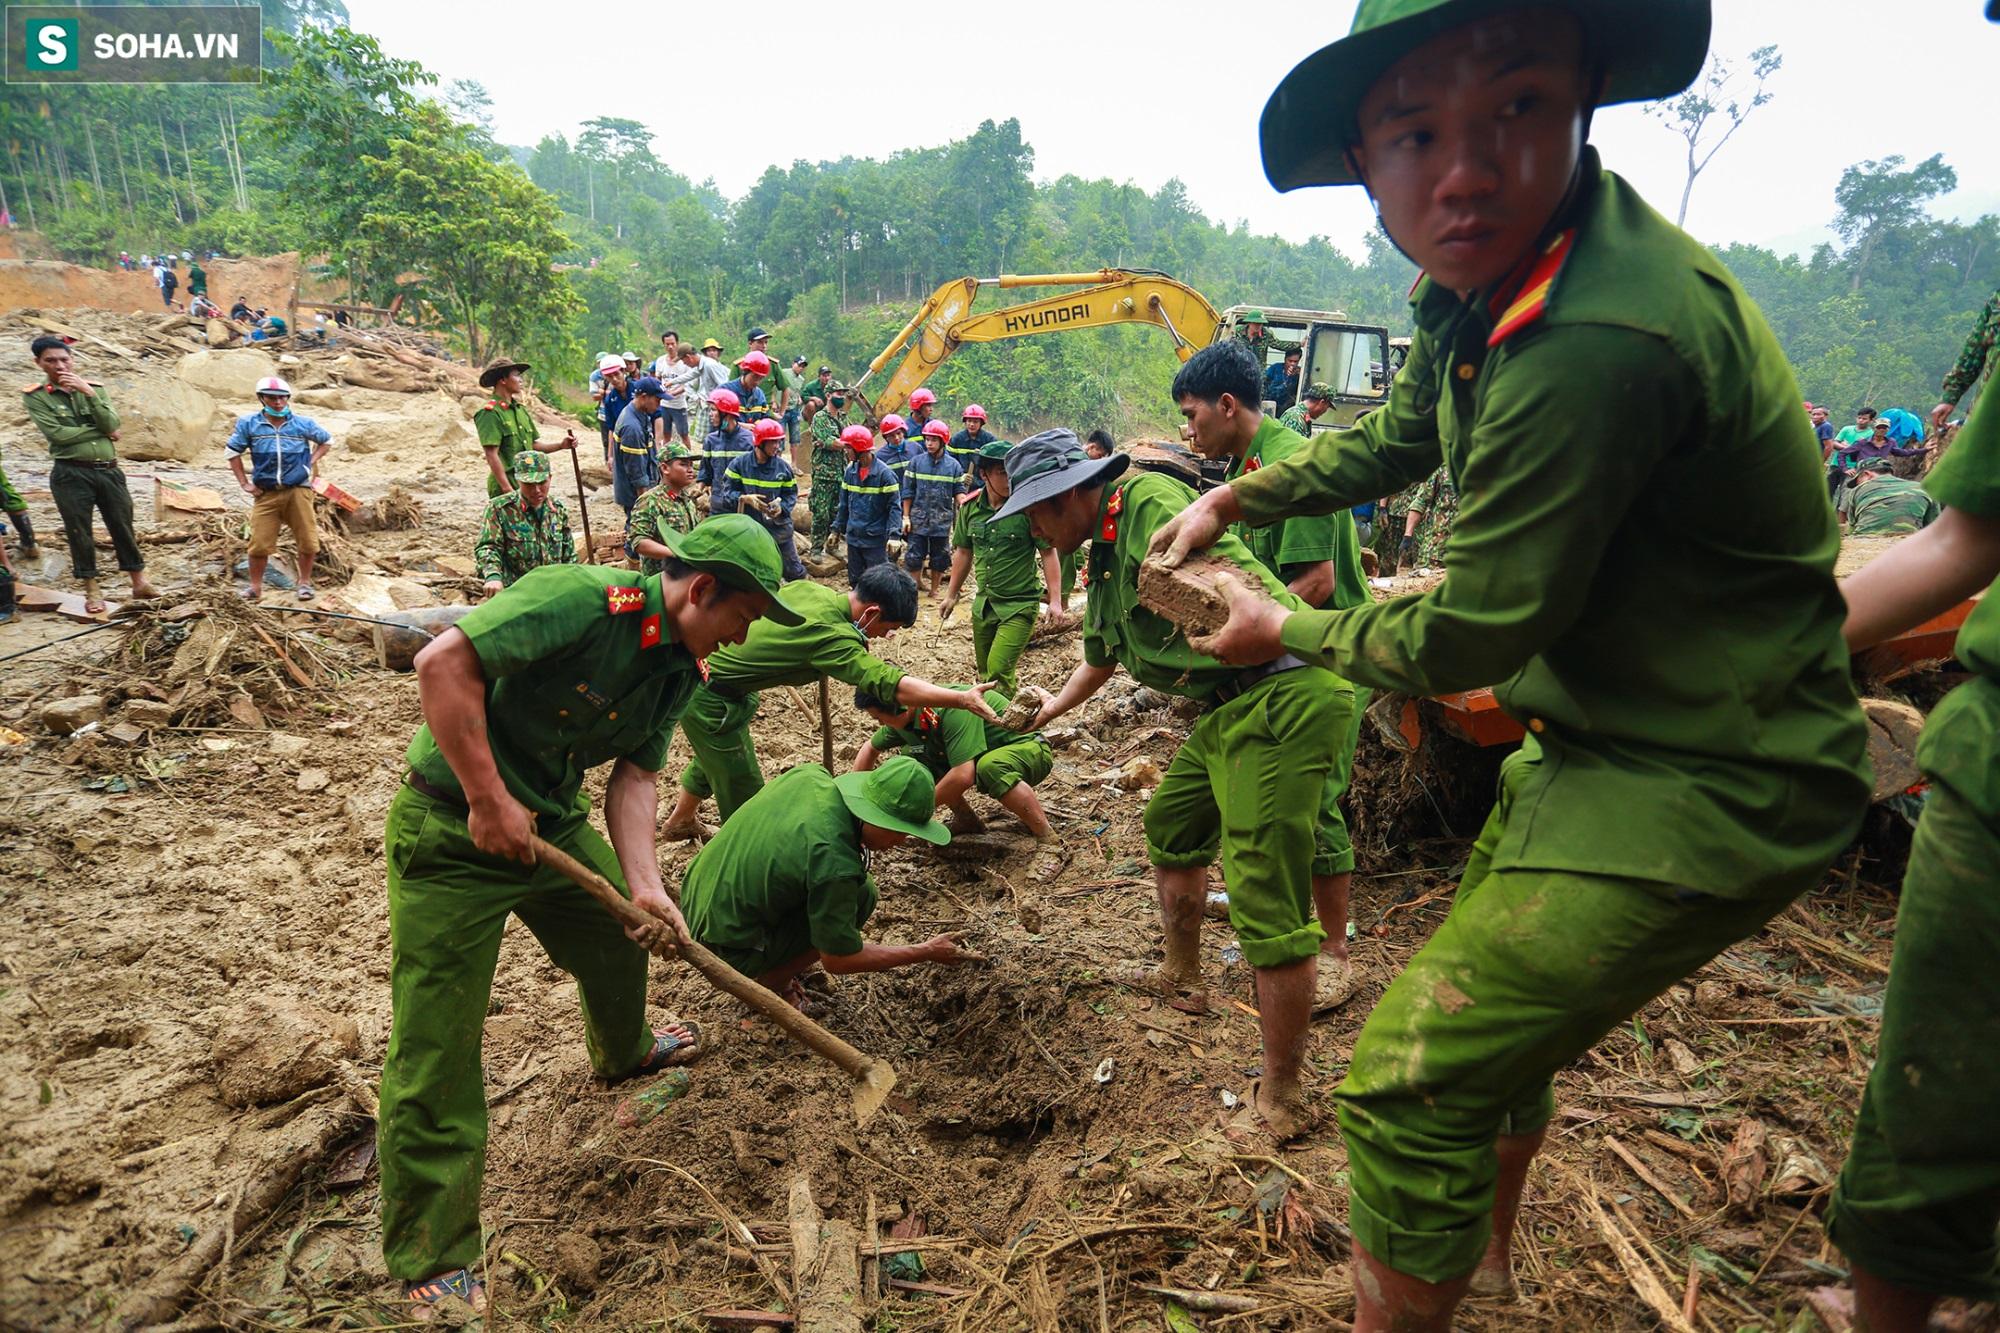 [Ảnh] Dân làng khóc nghẹn khi tìm thấy bé trai 10 tháng tuổi dưới lớp bùn đất vụ sạt lở ở Trà Leng - Ảnh 2